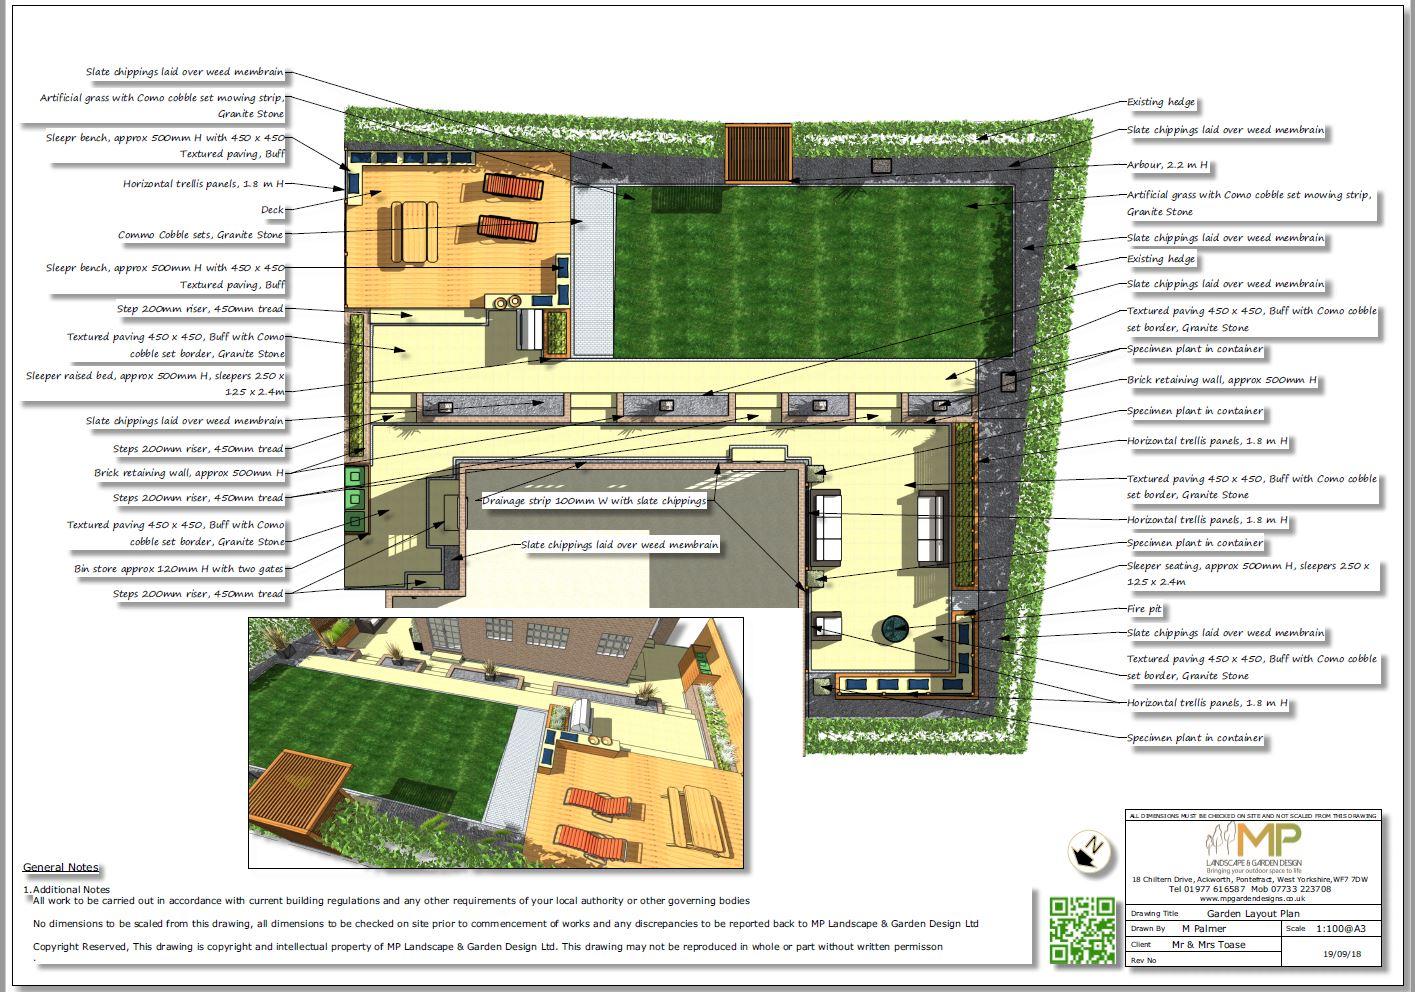 Garden design layout plan for a rear garden in Wakefield